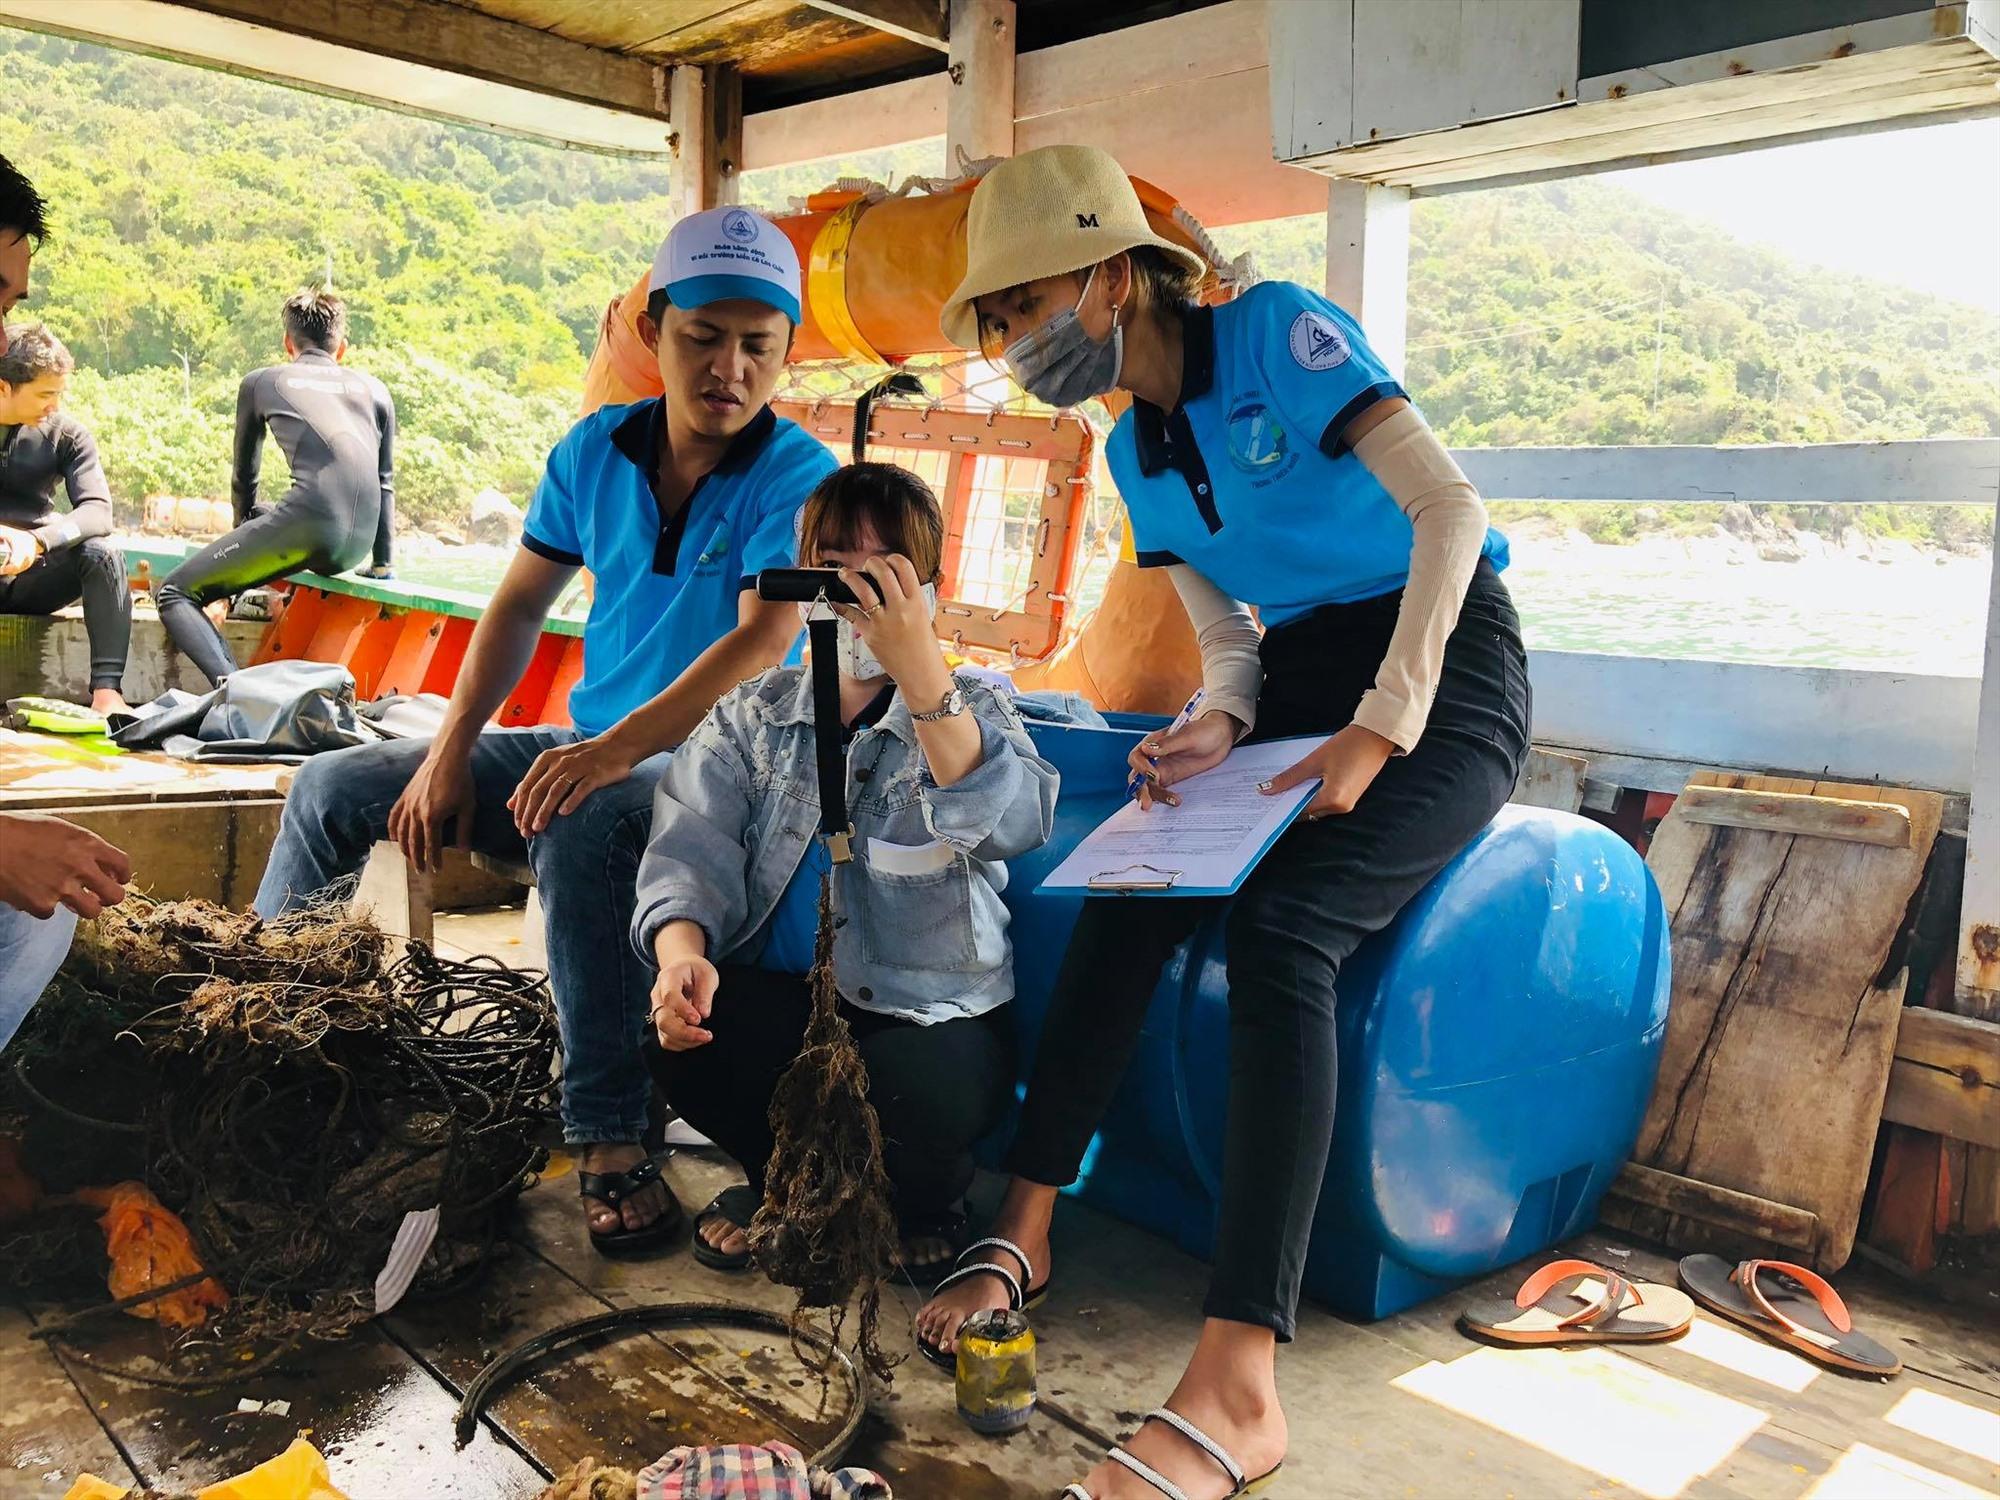 Hoạt động giám sát rác thải nhựa trong Khu bảo tồn biển Cù Lao Chàm. Ảnh: Q.T